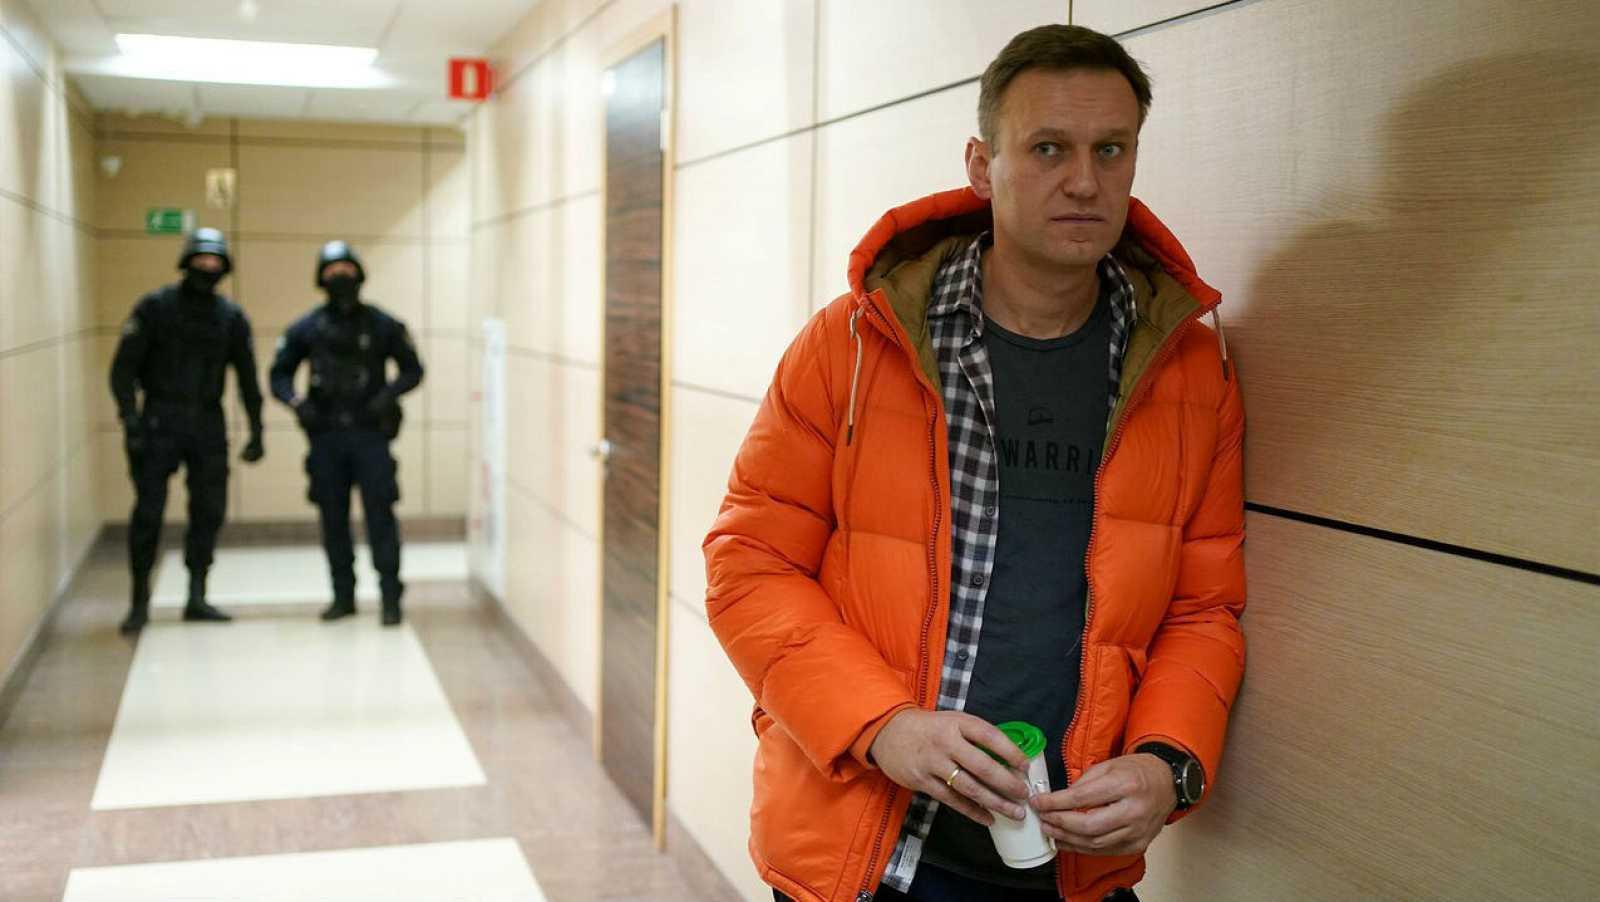 El líder de la oposición rusa, Alexei Navalny, de pie cerca de los agentes del orden en un pasillo de un centro de negocios, que alberga la oficina de su Fundación Anticorrupción (FBK), en Moscú.